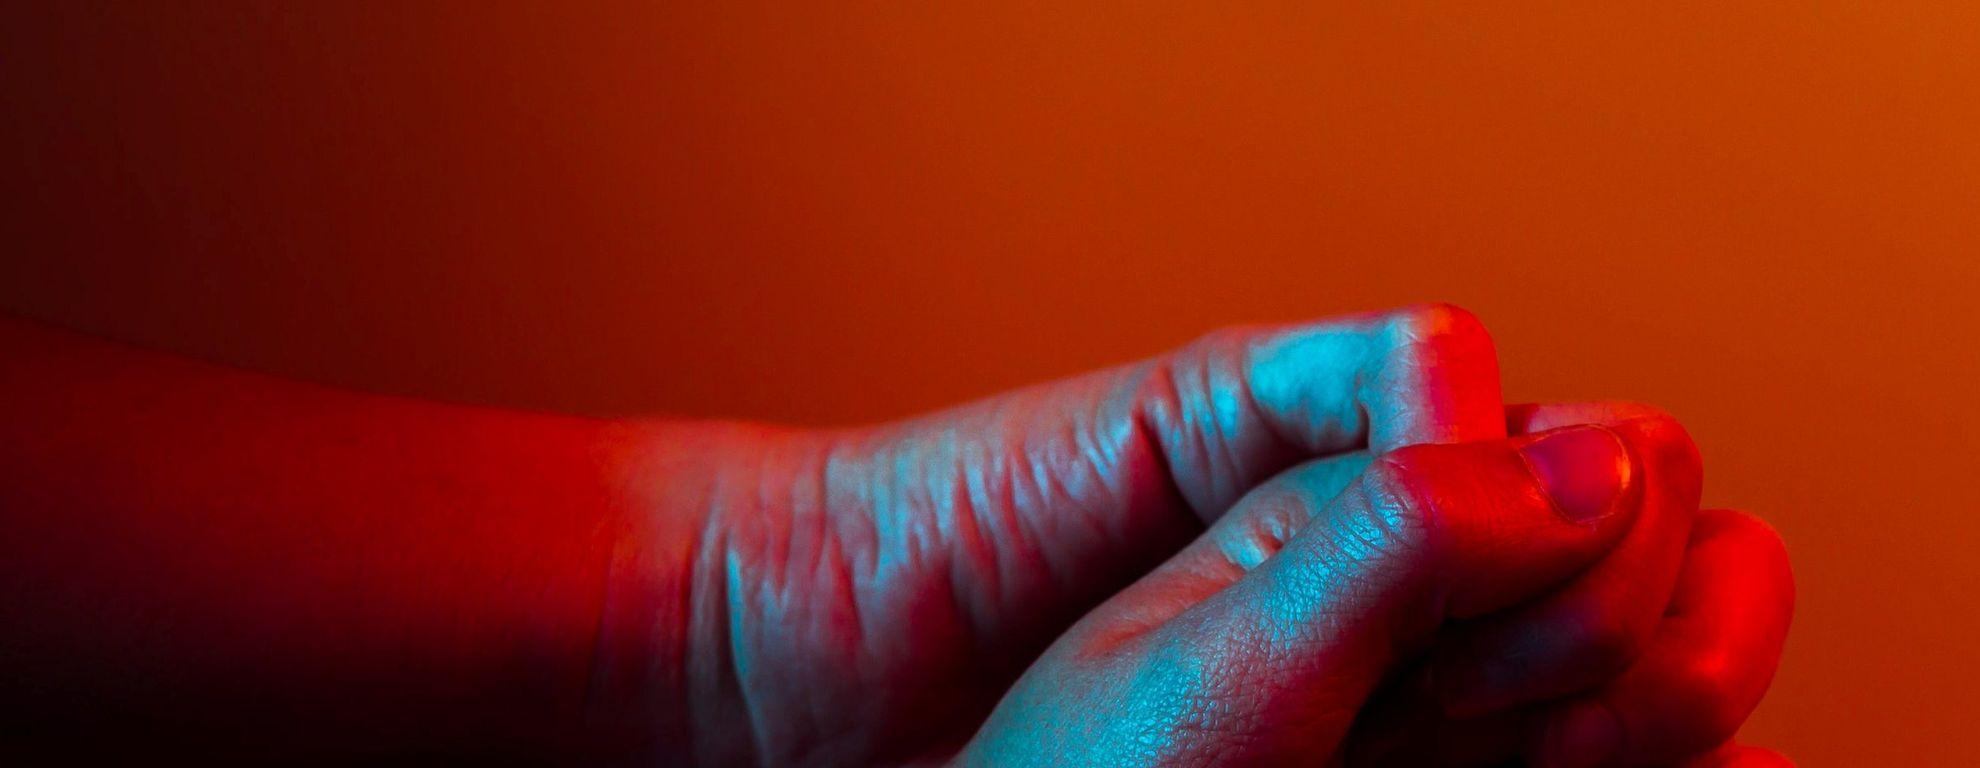 10 claves para potenciar la intimidad en la pareja - Featured image